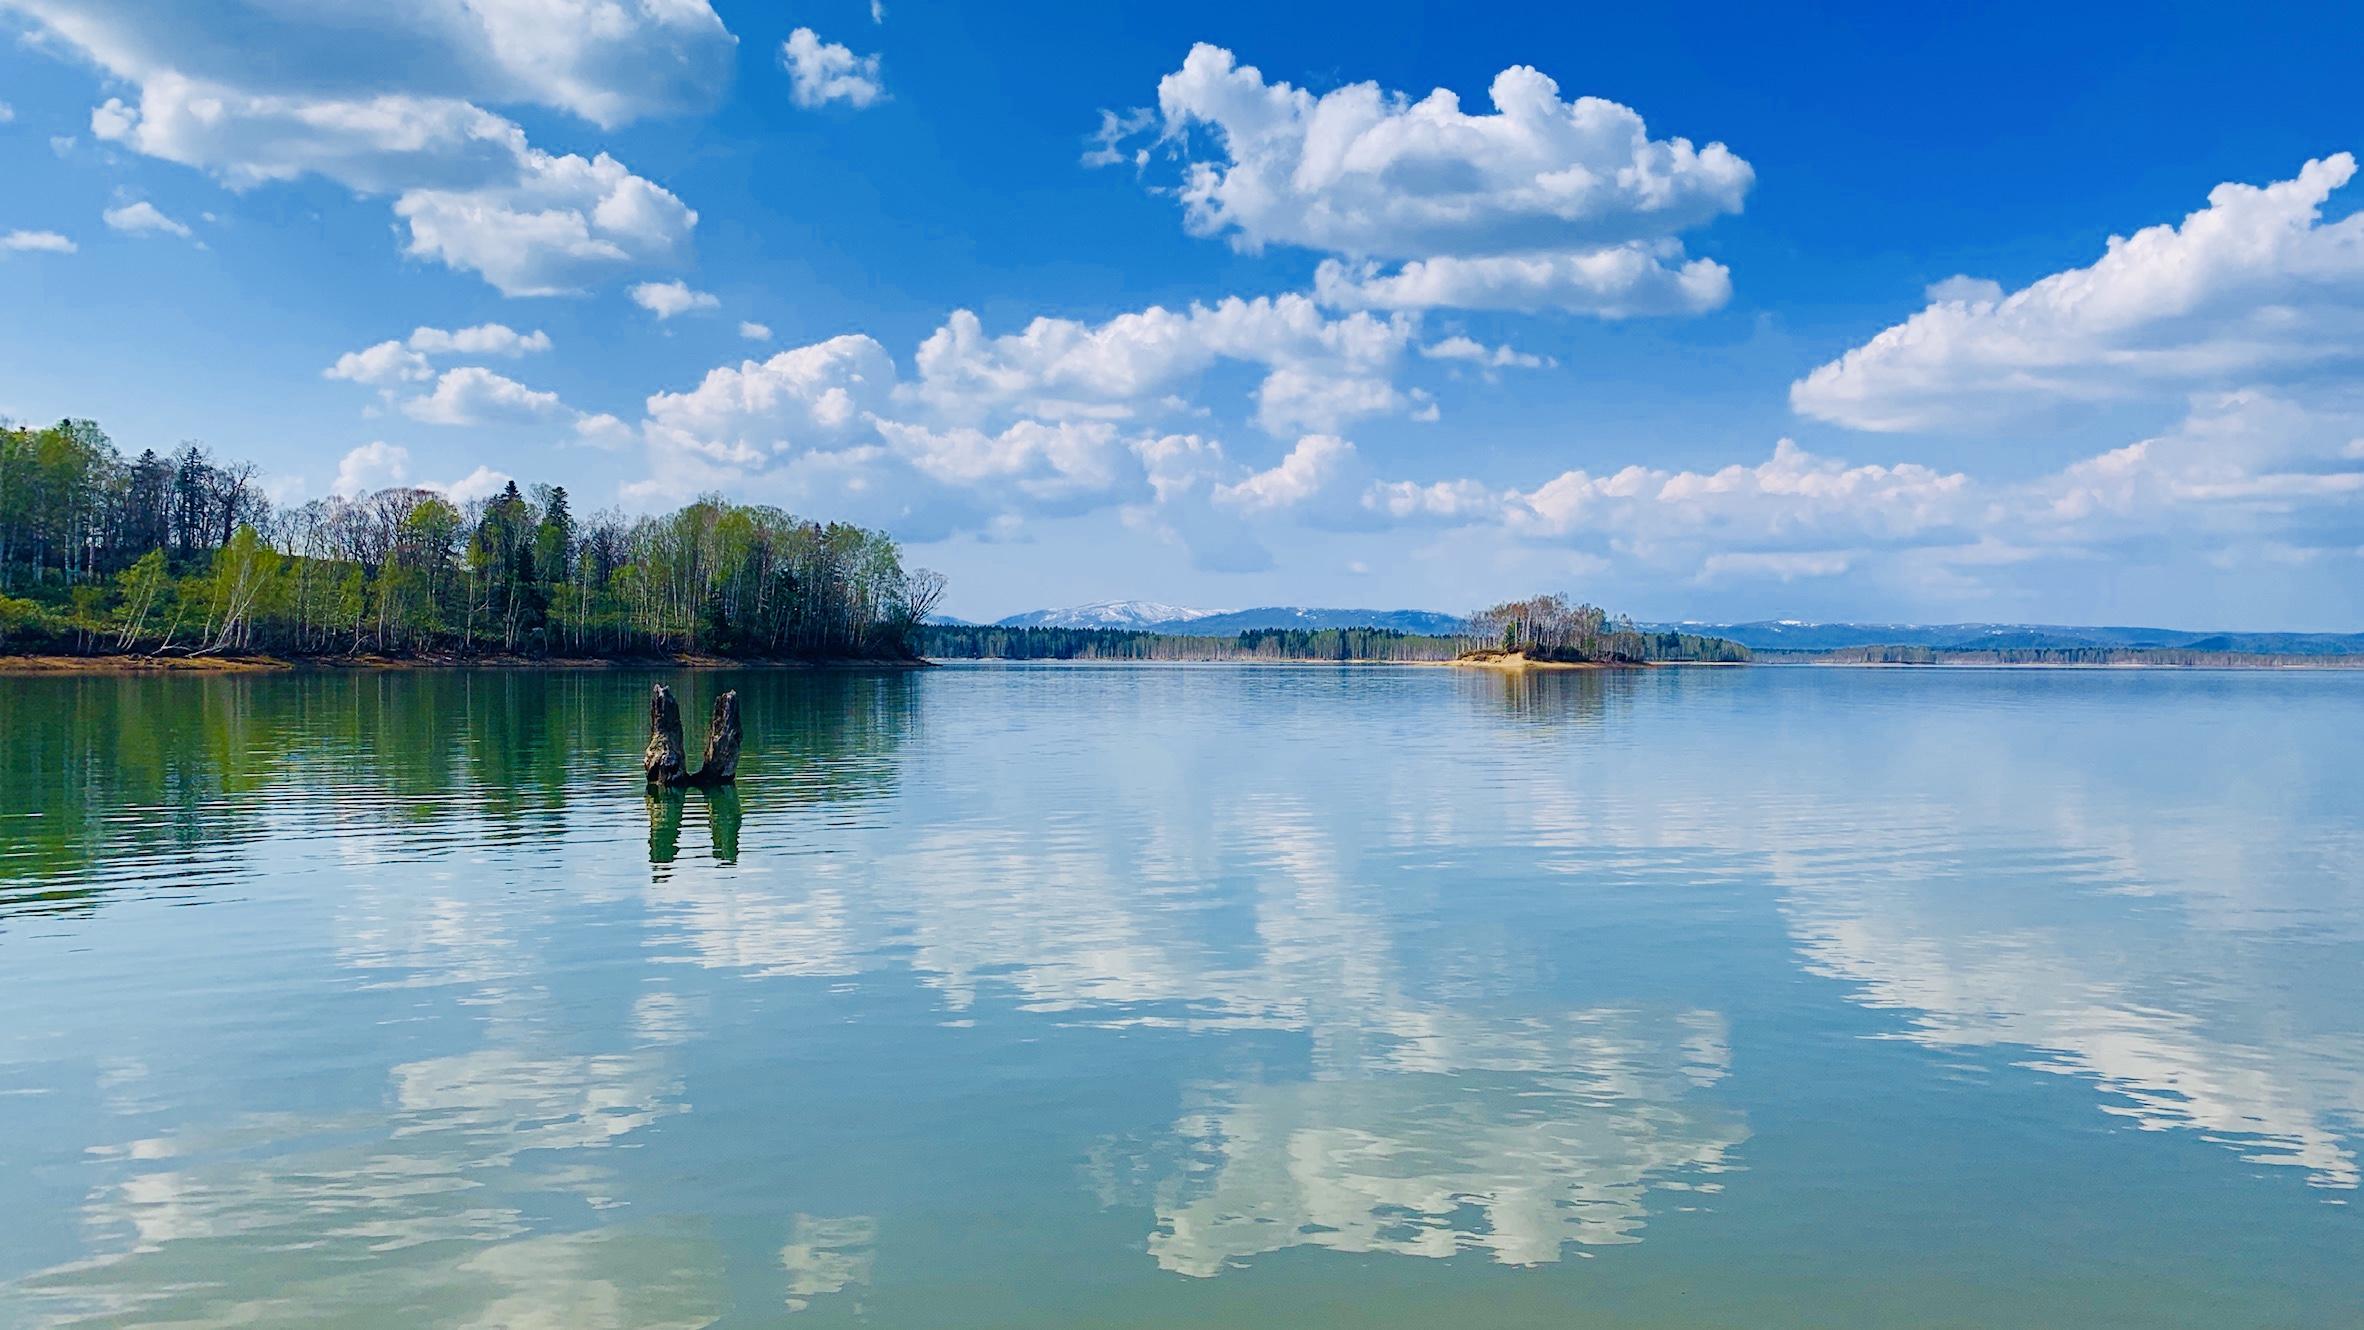 朱鞠内湖の景色